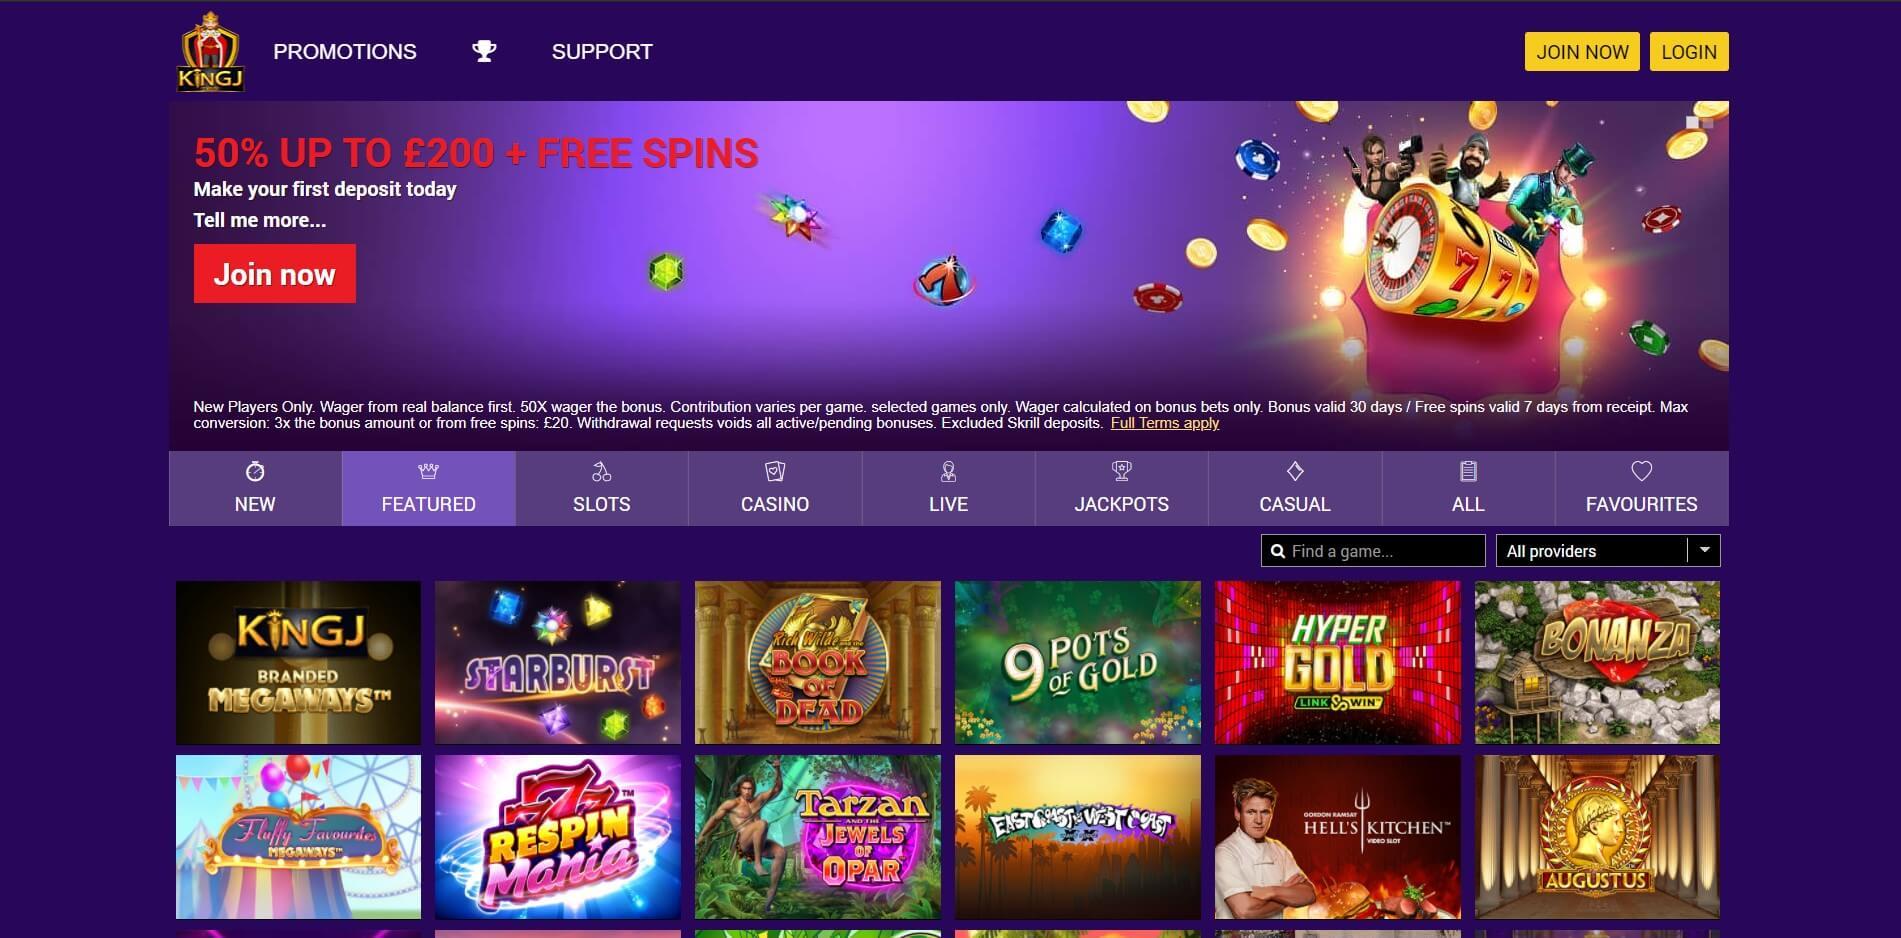 kingcasino.com - Website Review